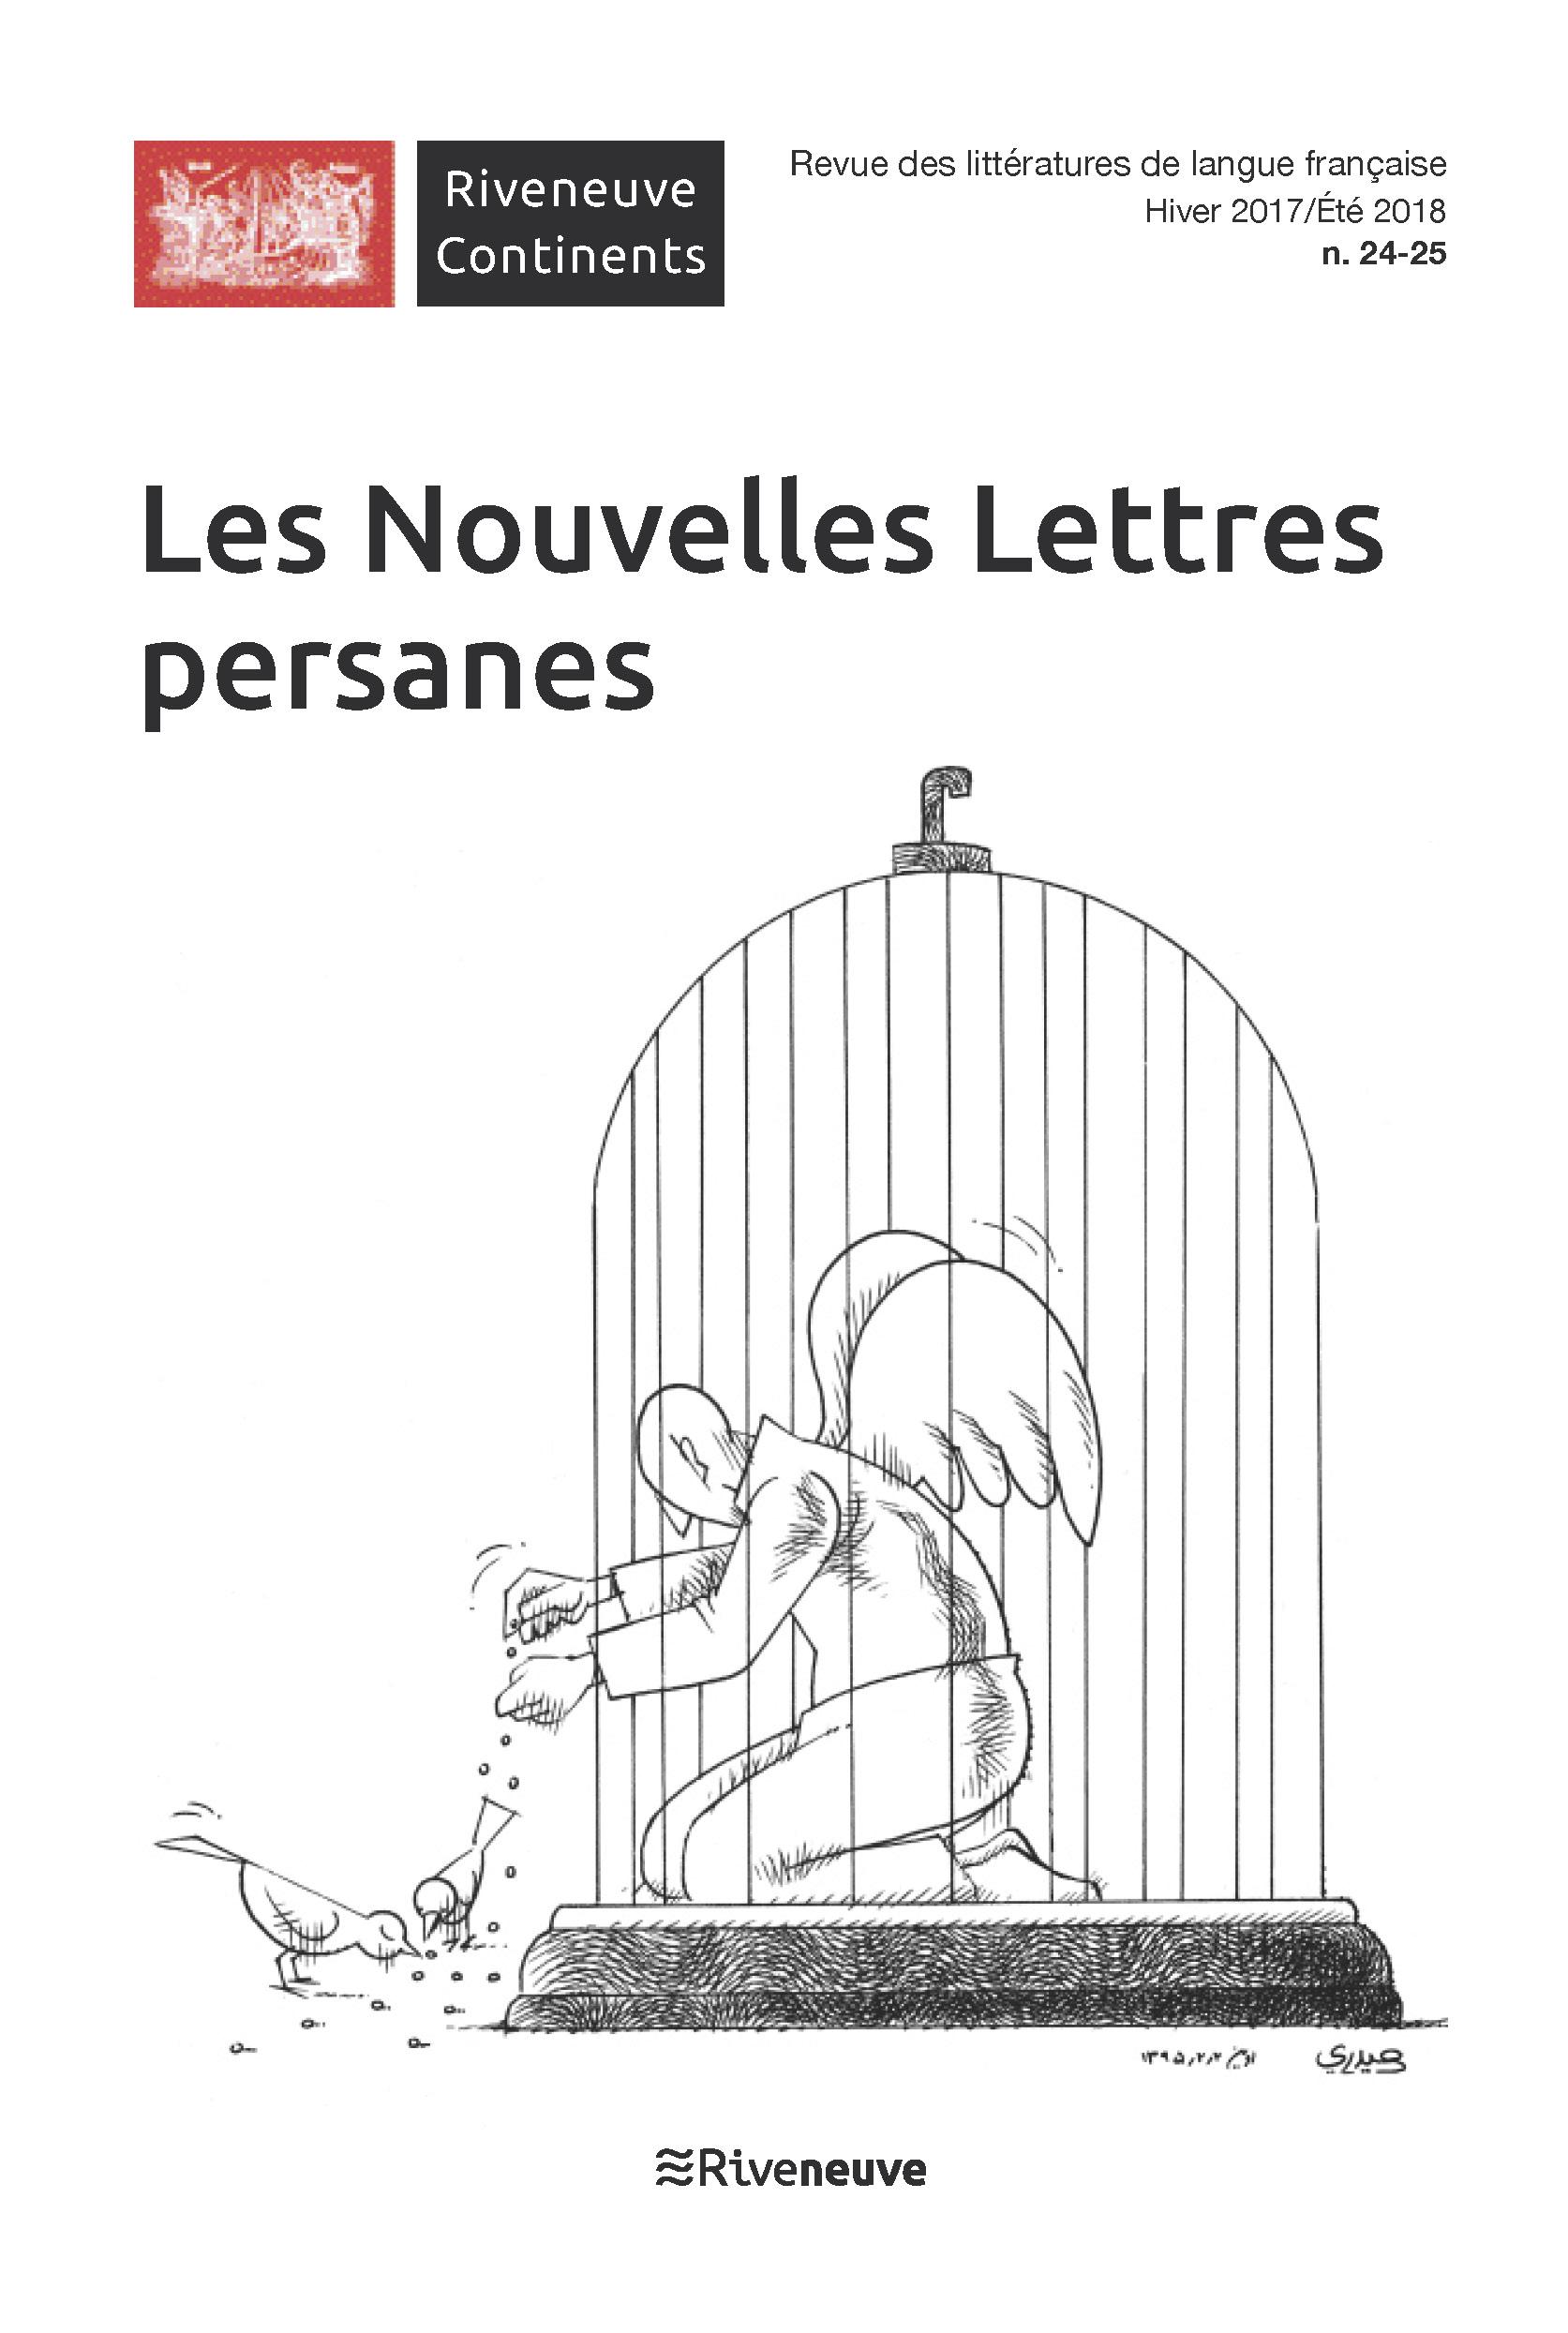 Les Nouvelles Lettres persanes